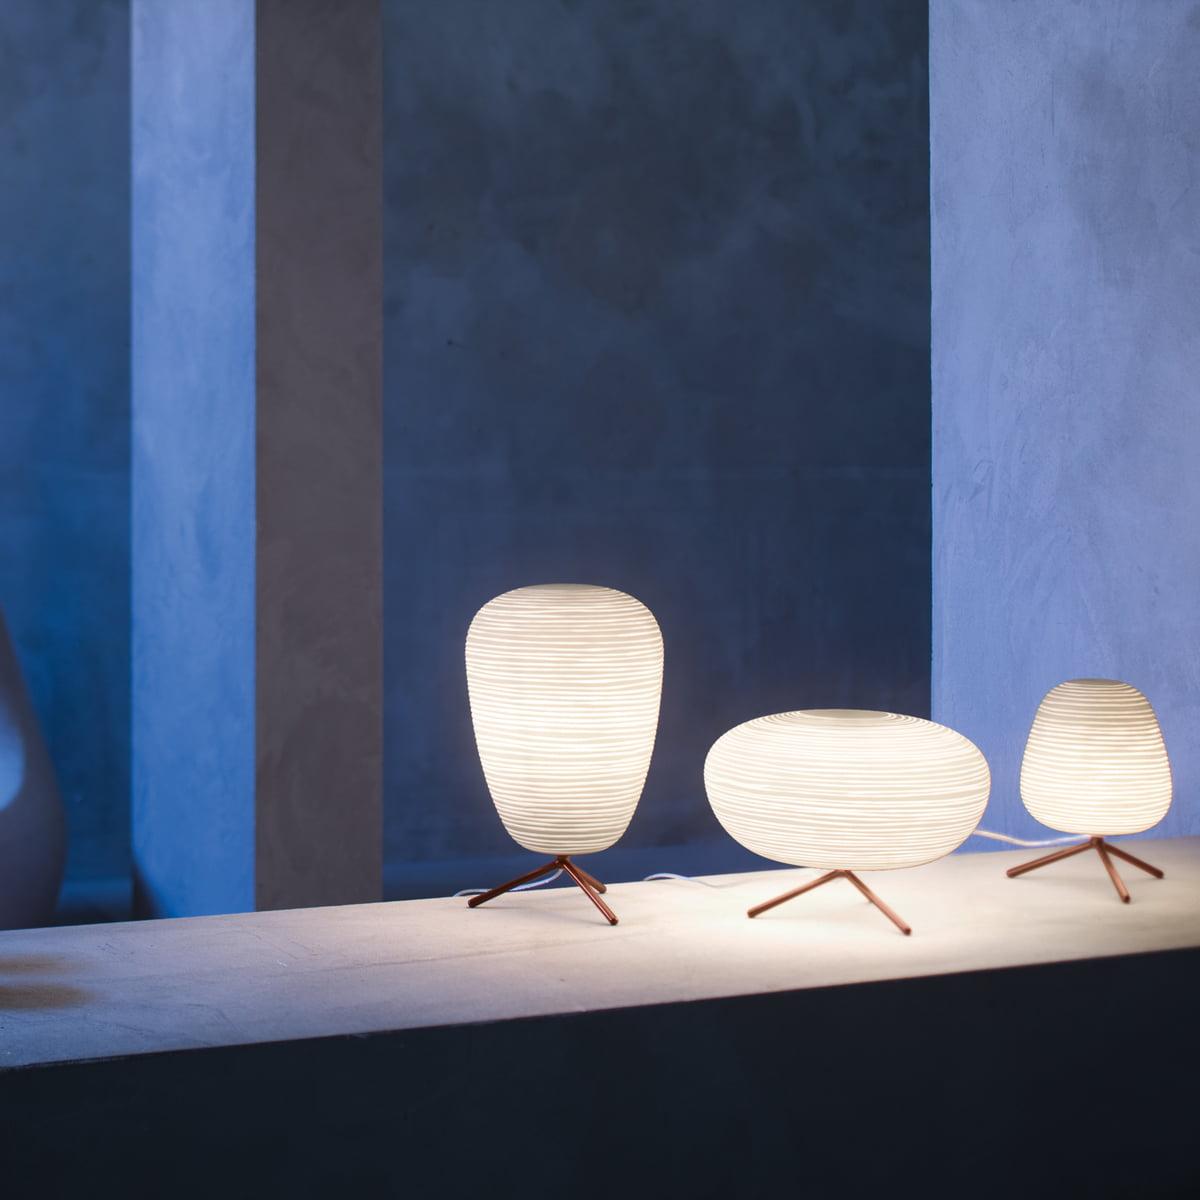 Rituals 3 Foscarini.Foscarini Rituals 3 Table Lamp On Off